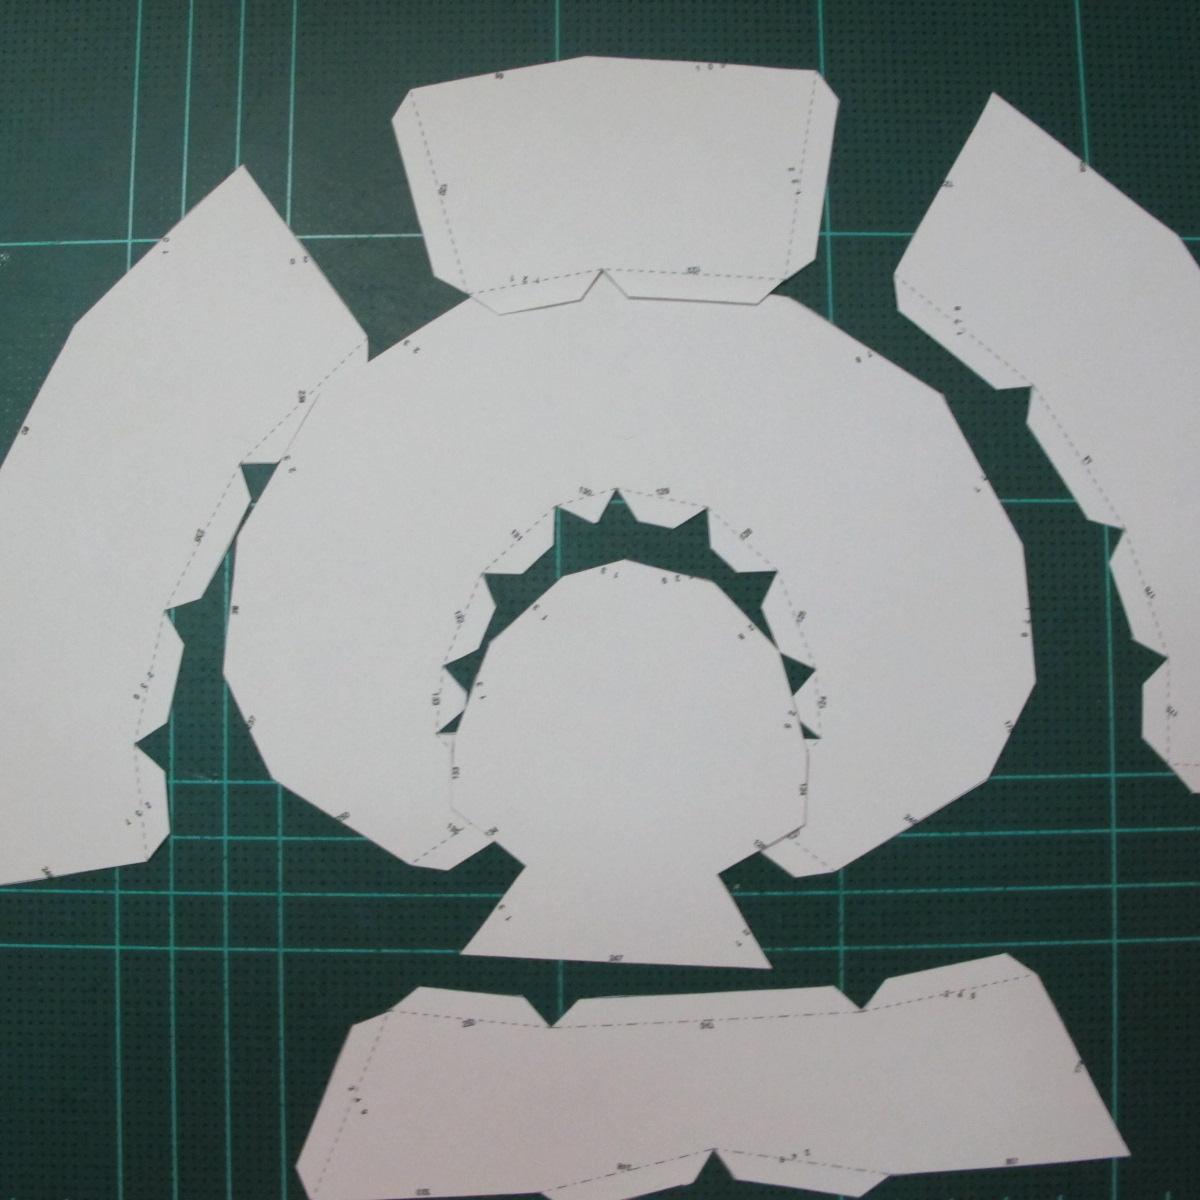 วิธีทำโมเดลกระดาษหมีรีแลกคุมะถือป้าย (Rilakkuma Papercraft Model 1) 006